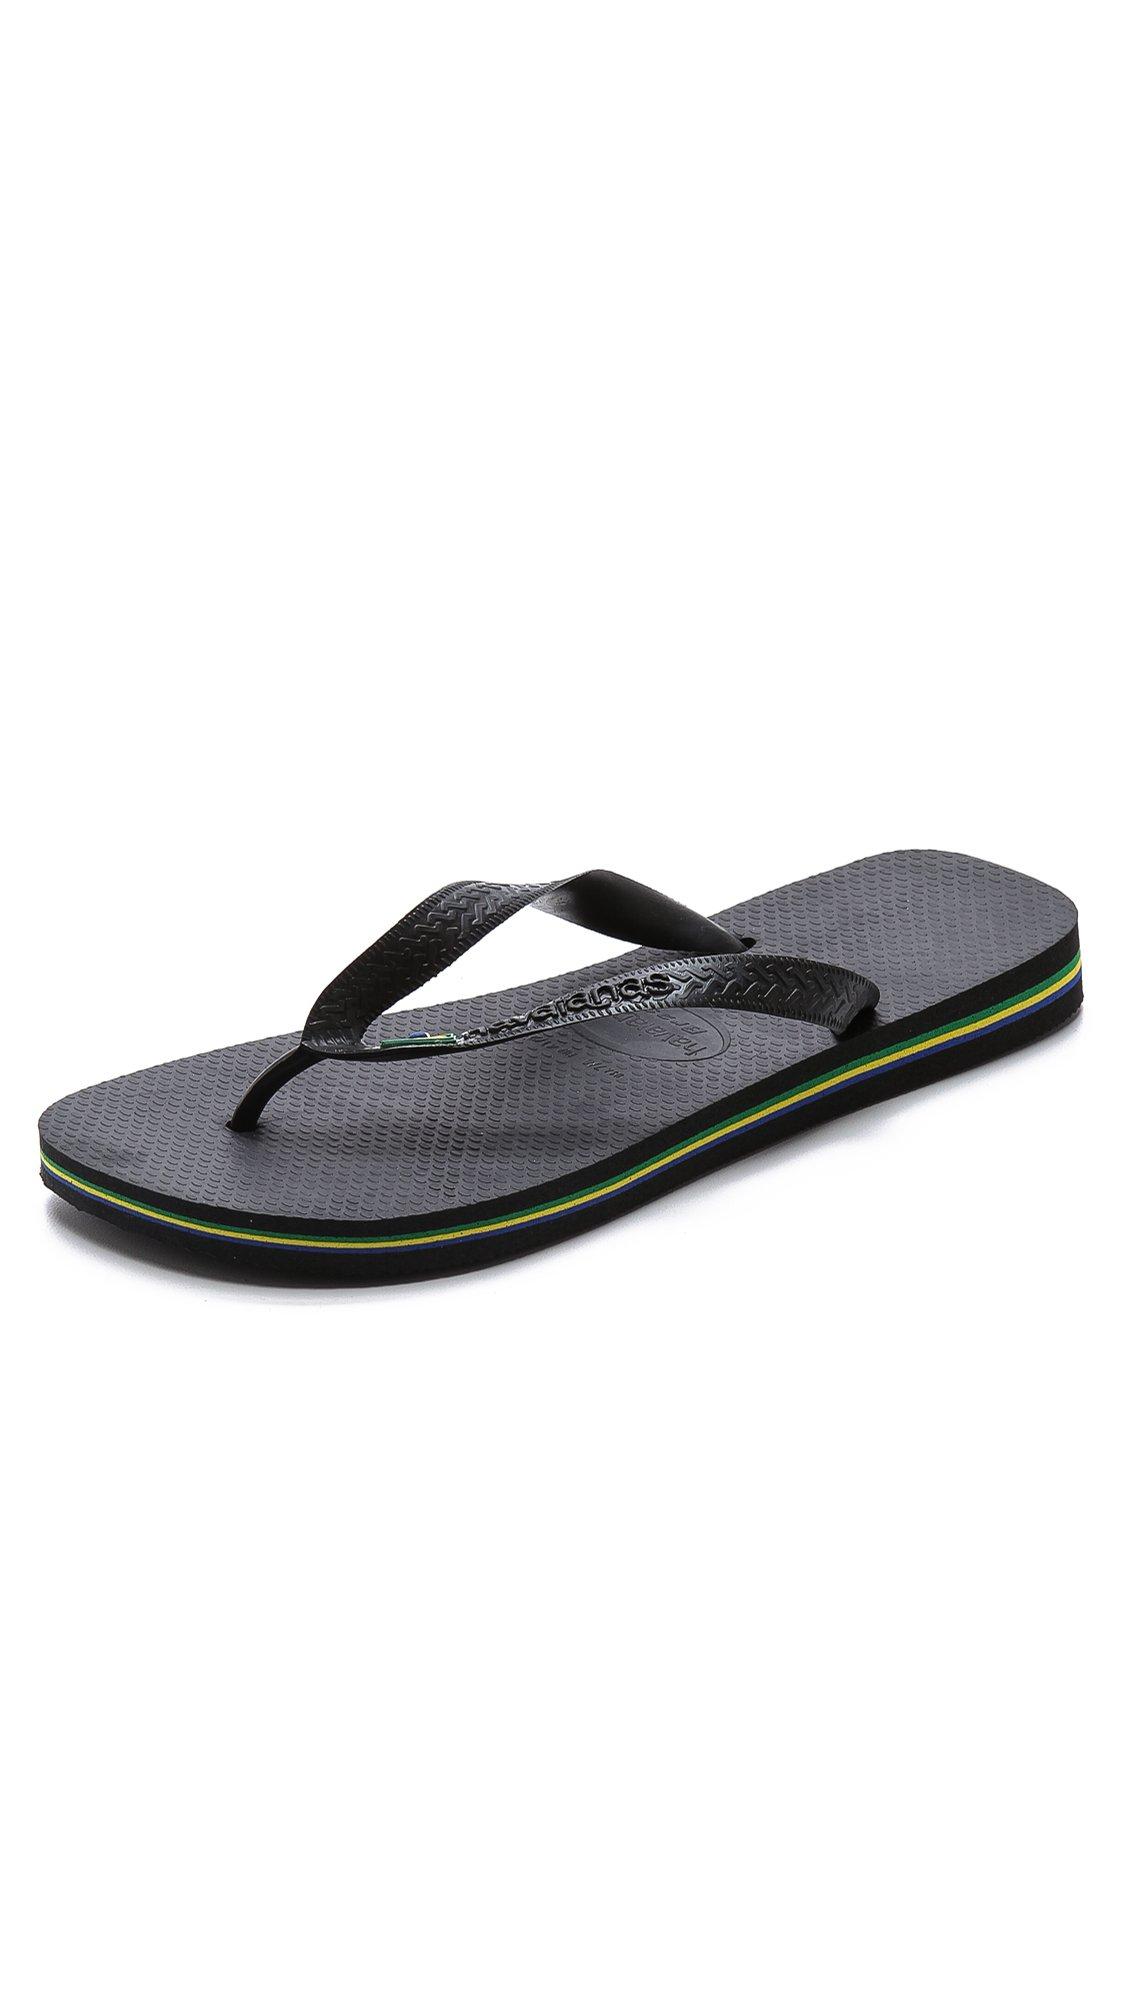 Men's Brazil Flip Flop Sandals